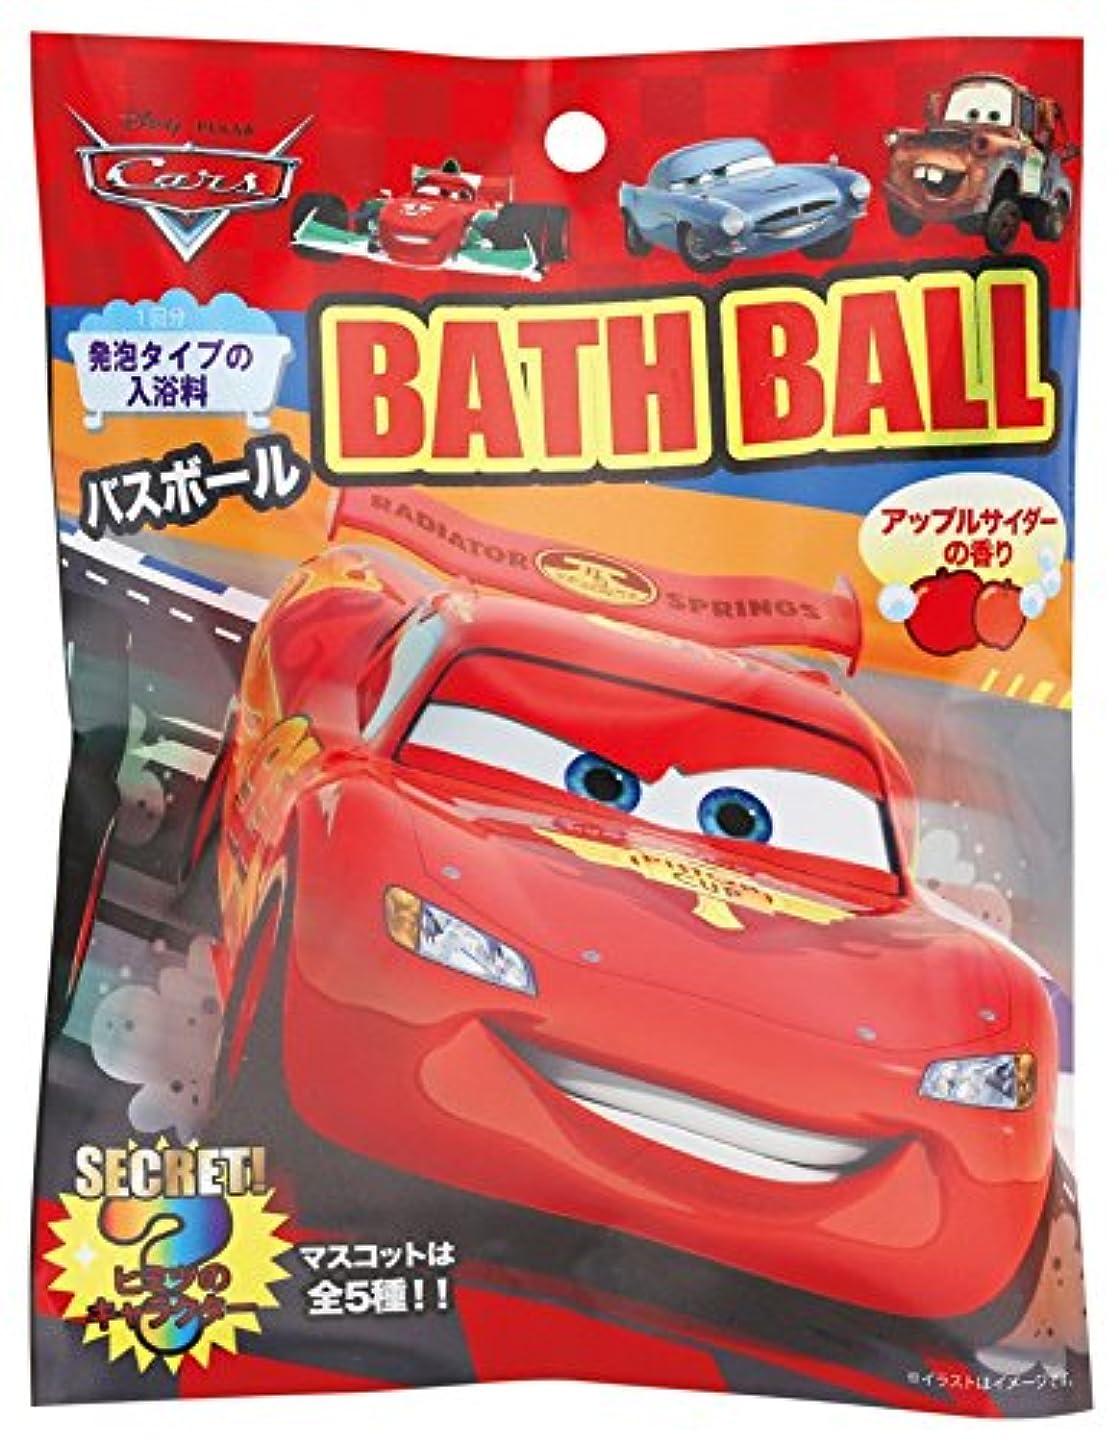 ラウンジシダやさしくディズニー 入浴剤 カーズバスボール おまけ付き DIP-79-01